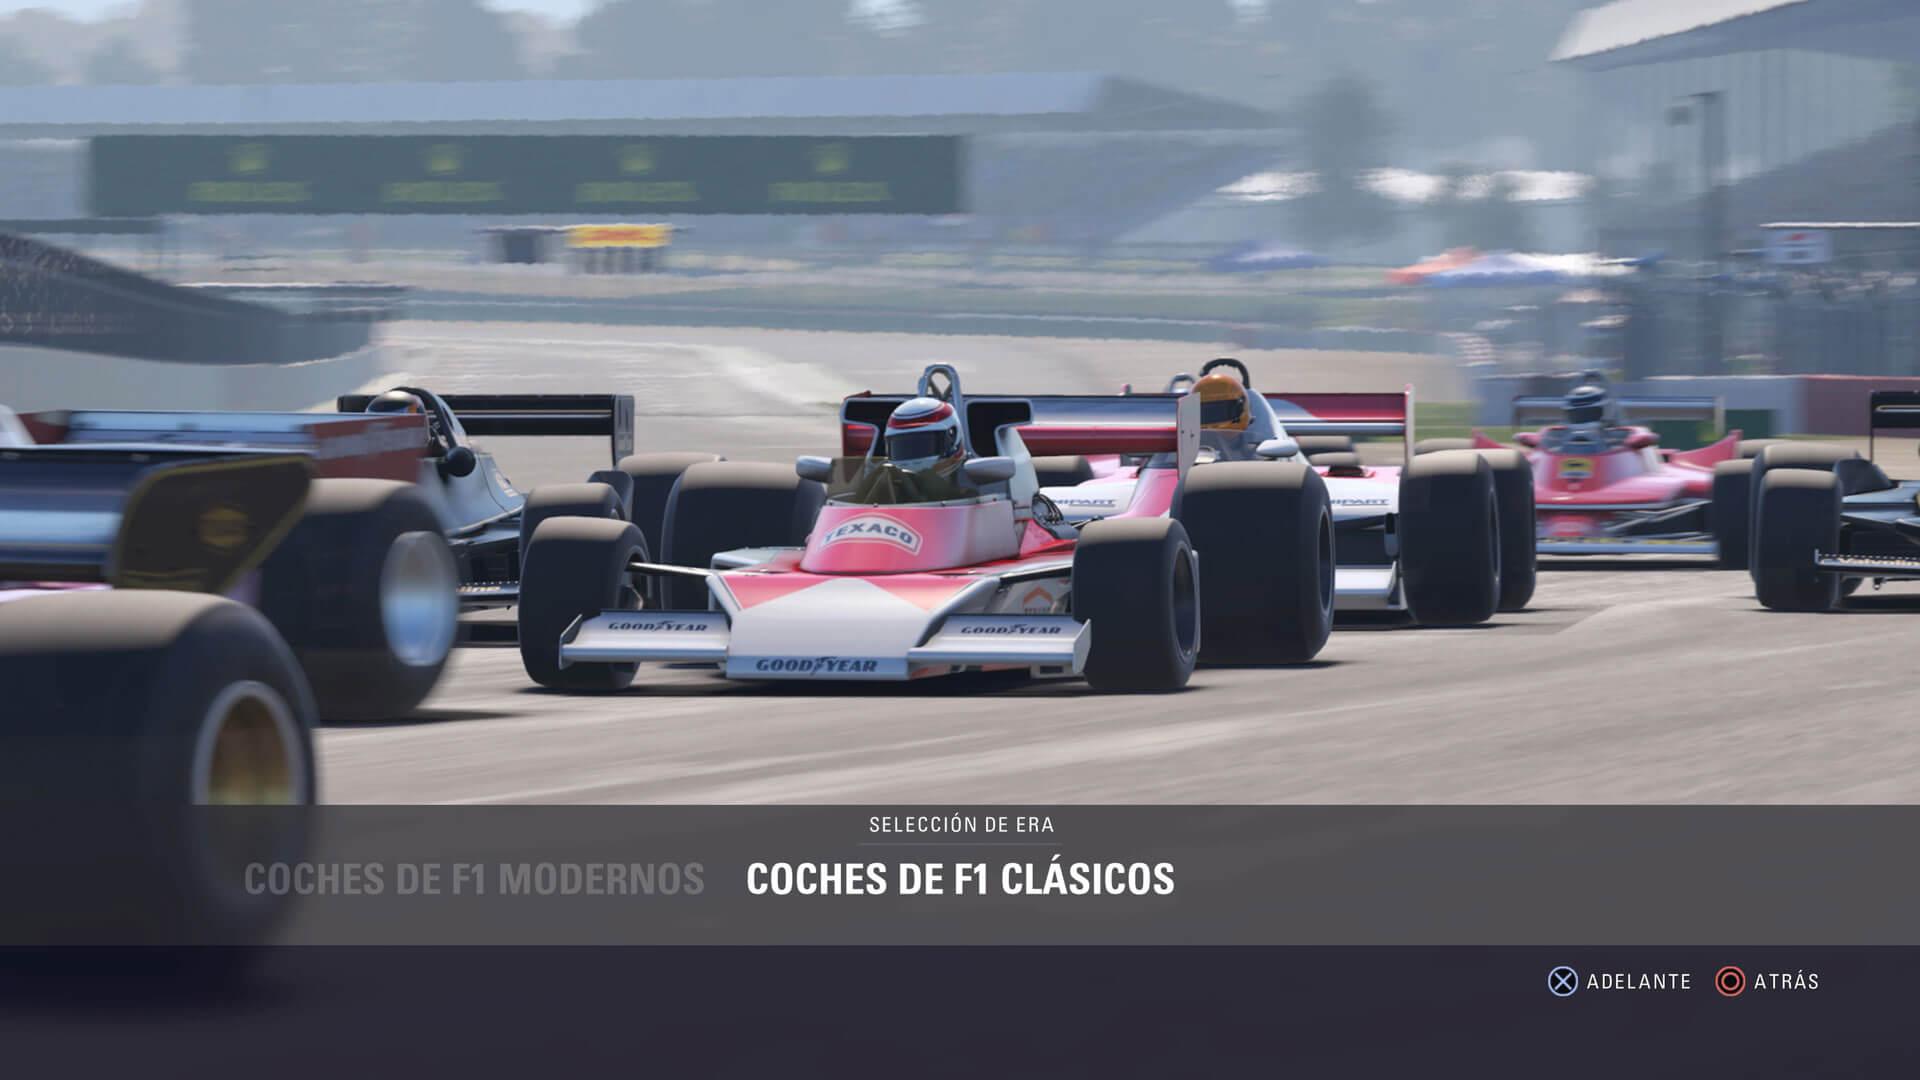 F1 2018 (coches modernos y clásicos)